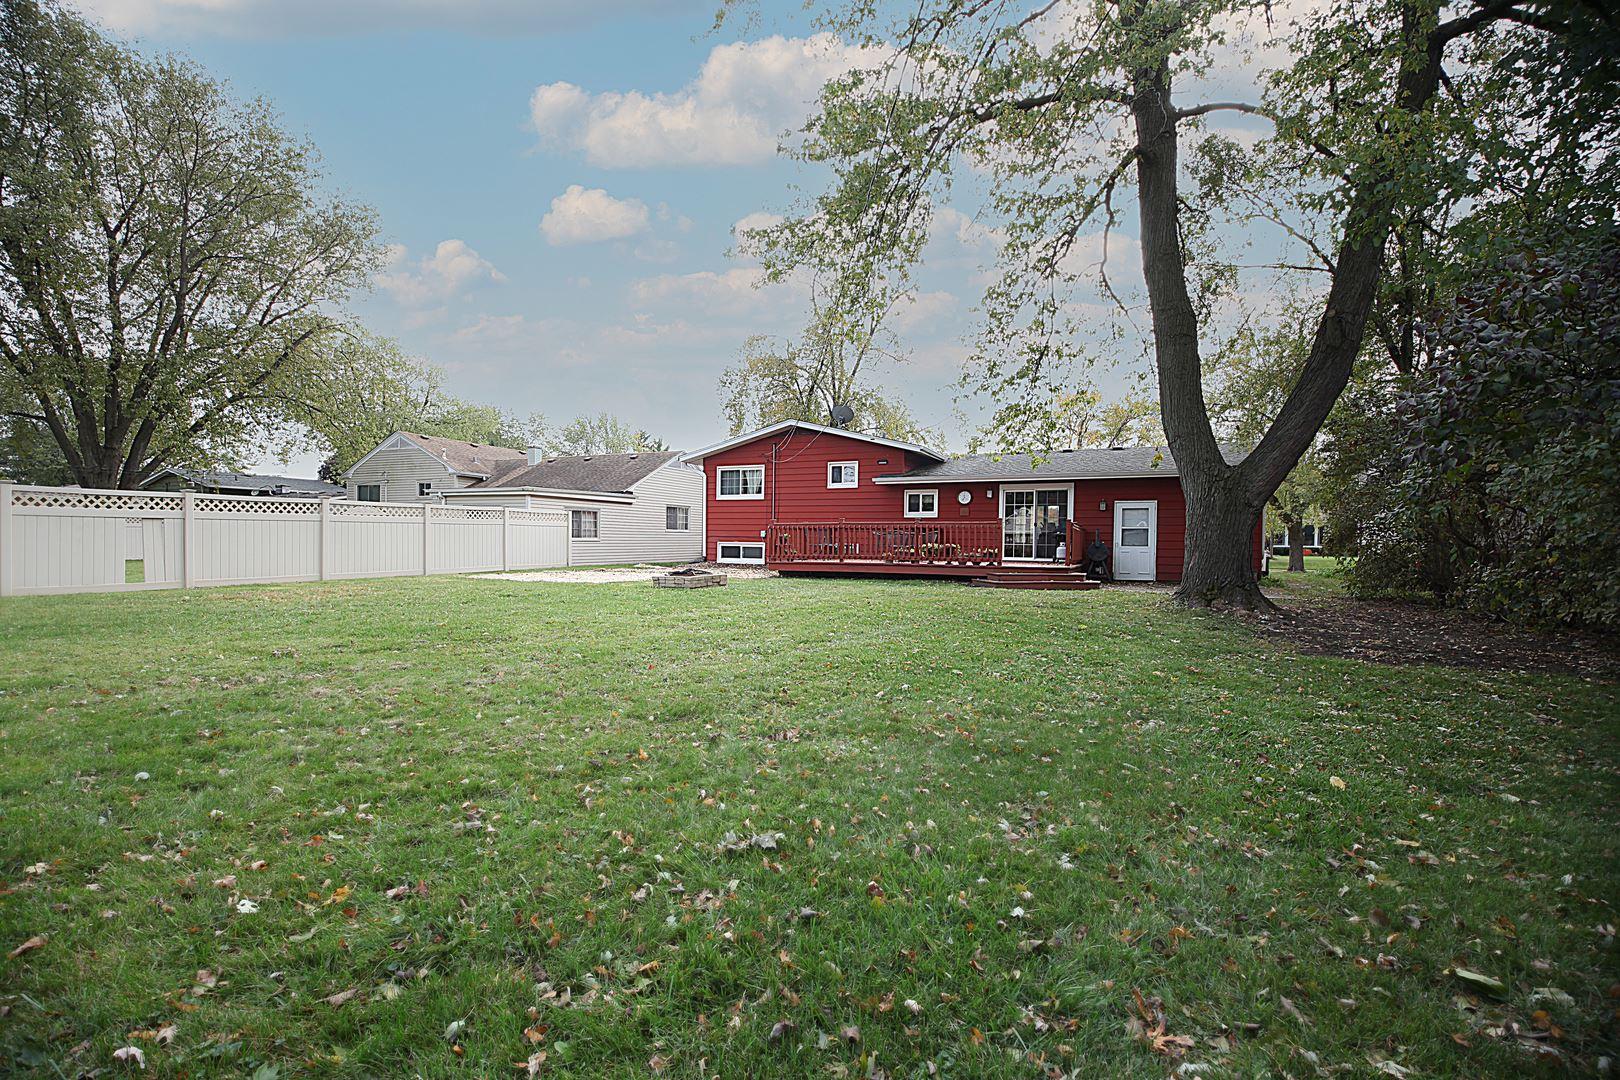 Photo of 2217 Douglas Street, Joliet, IL 60435 (MLS # 11052769)